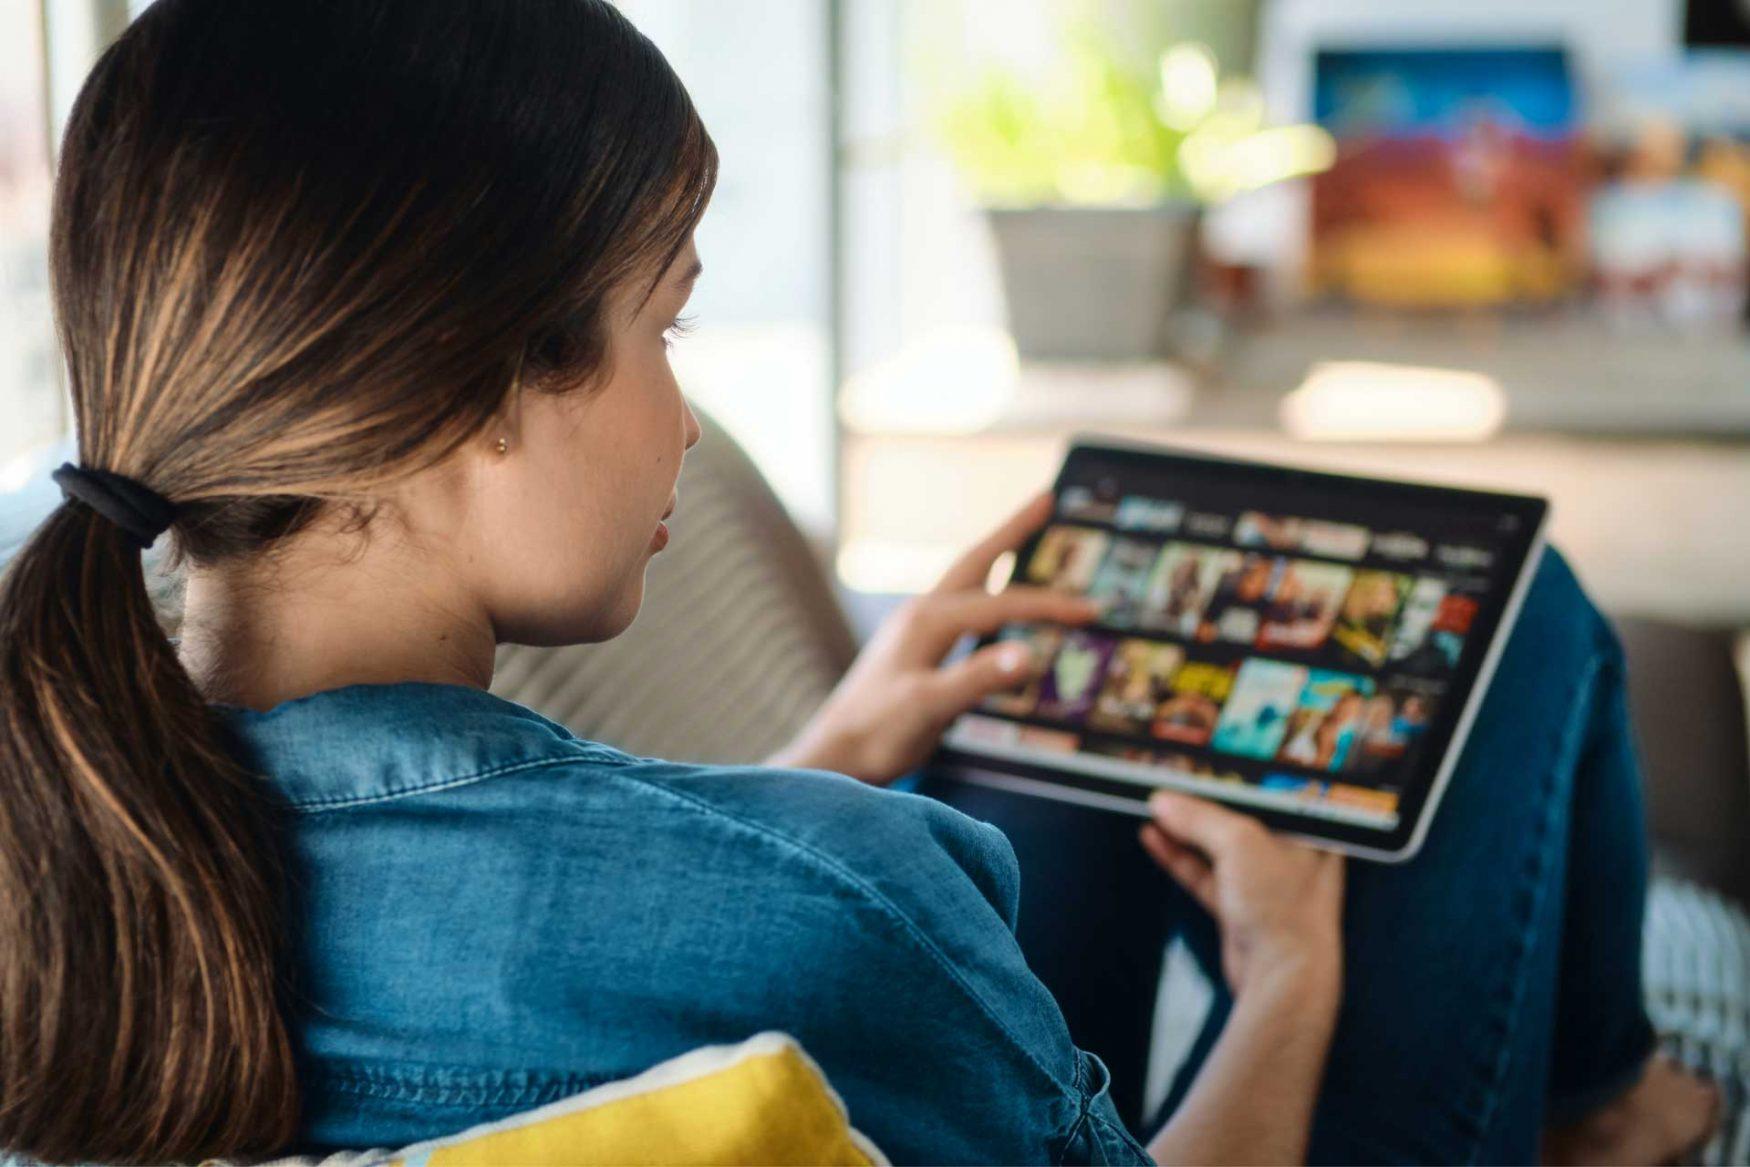 De espaldas, una chica sentada sobre un sillón mira, a través de una tablet, Cinear Play.